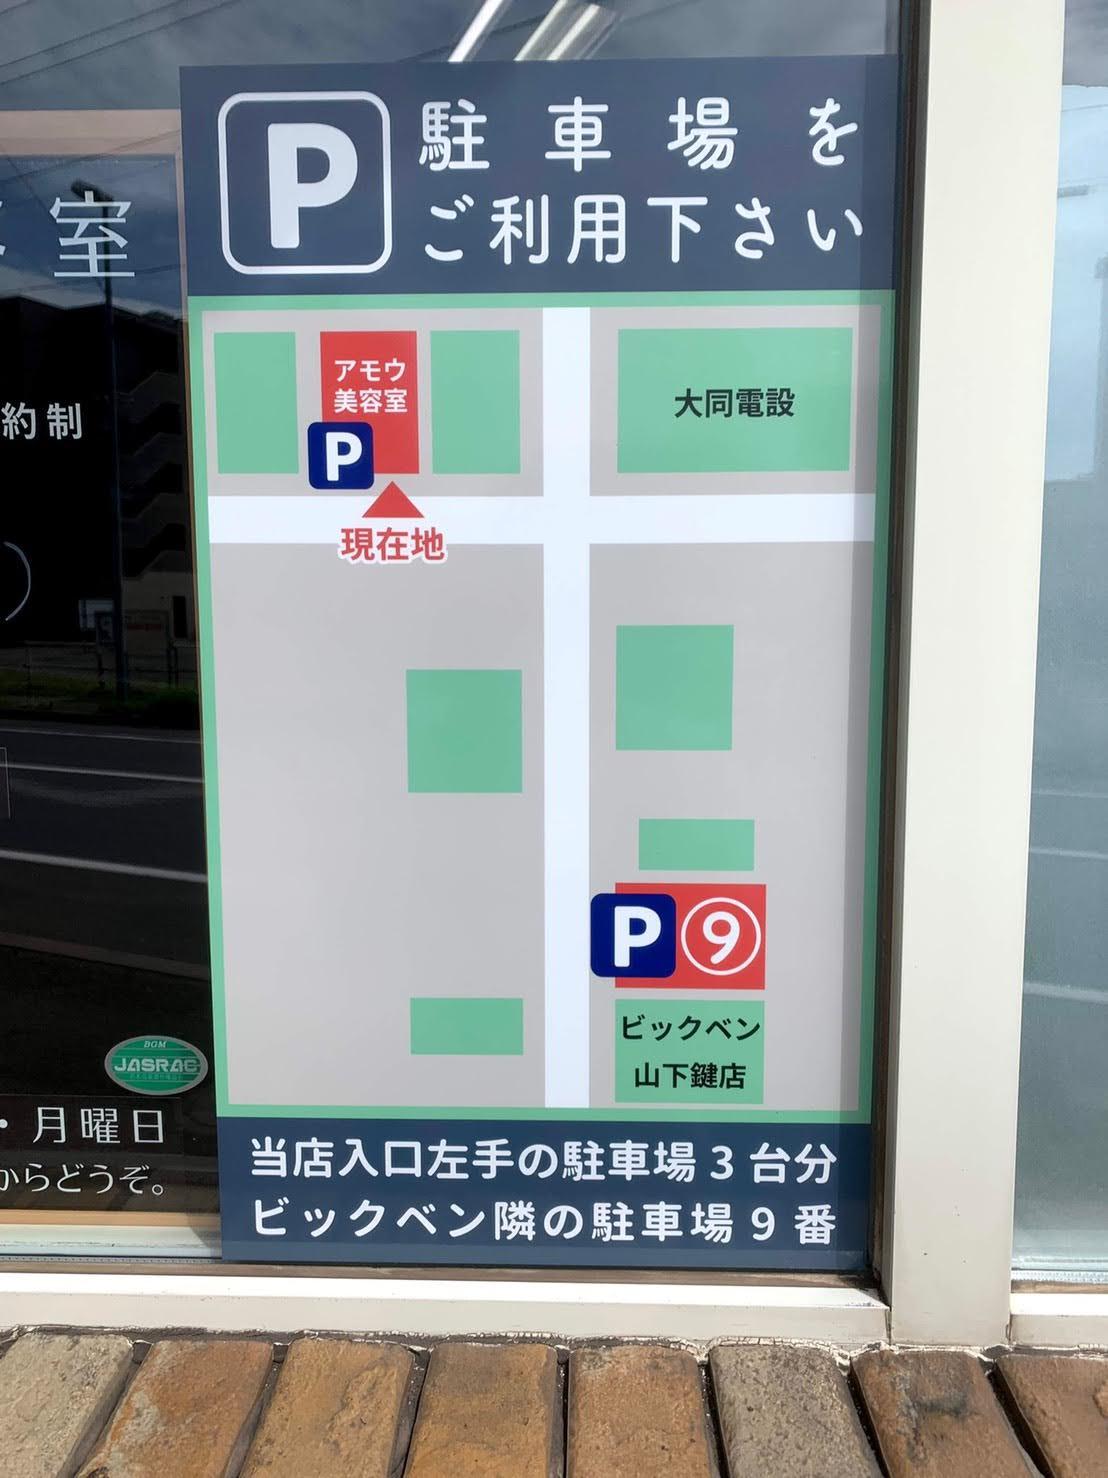 アモウ美容室 駐車場